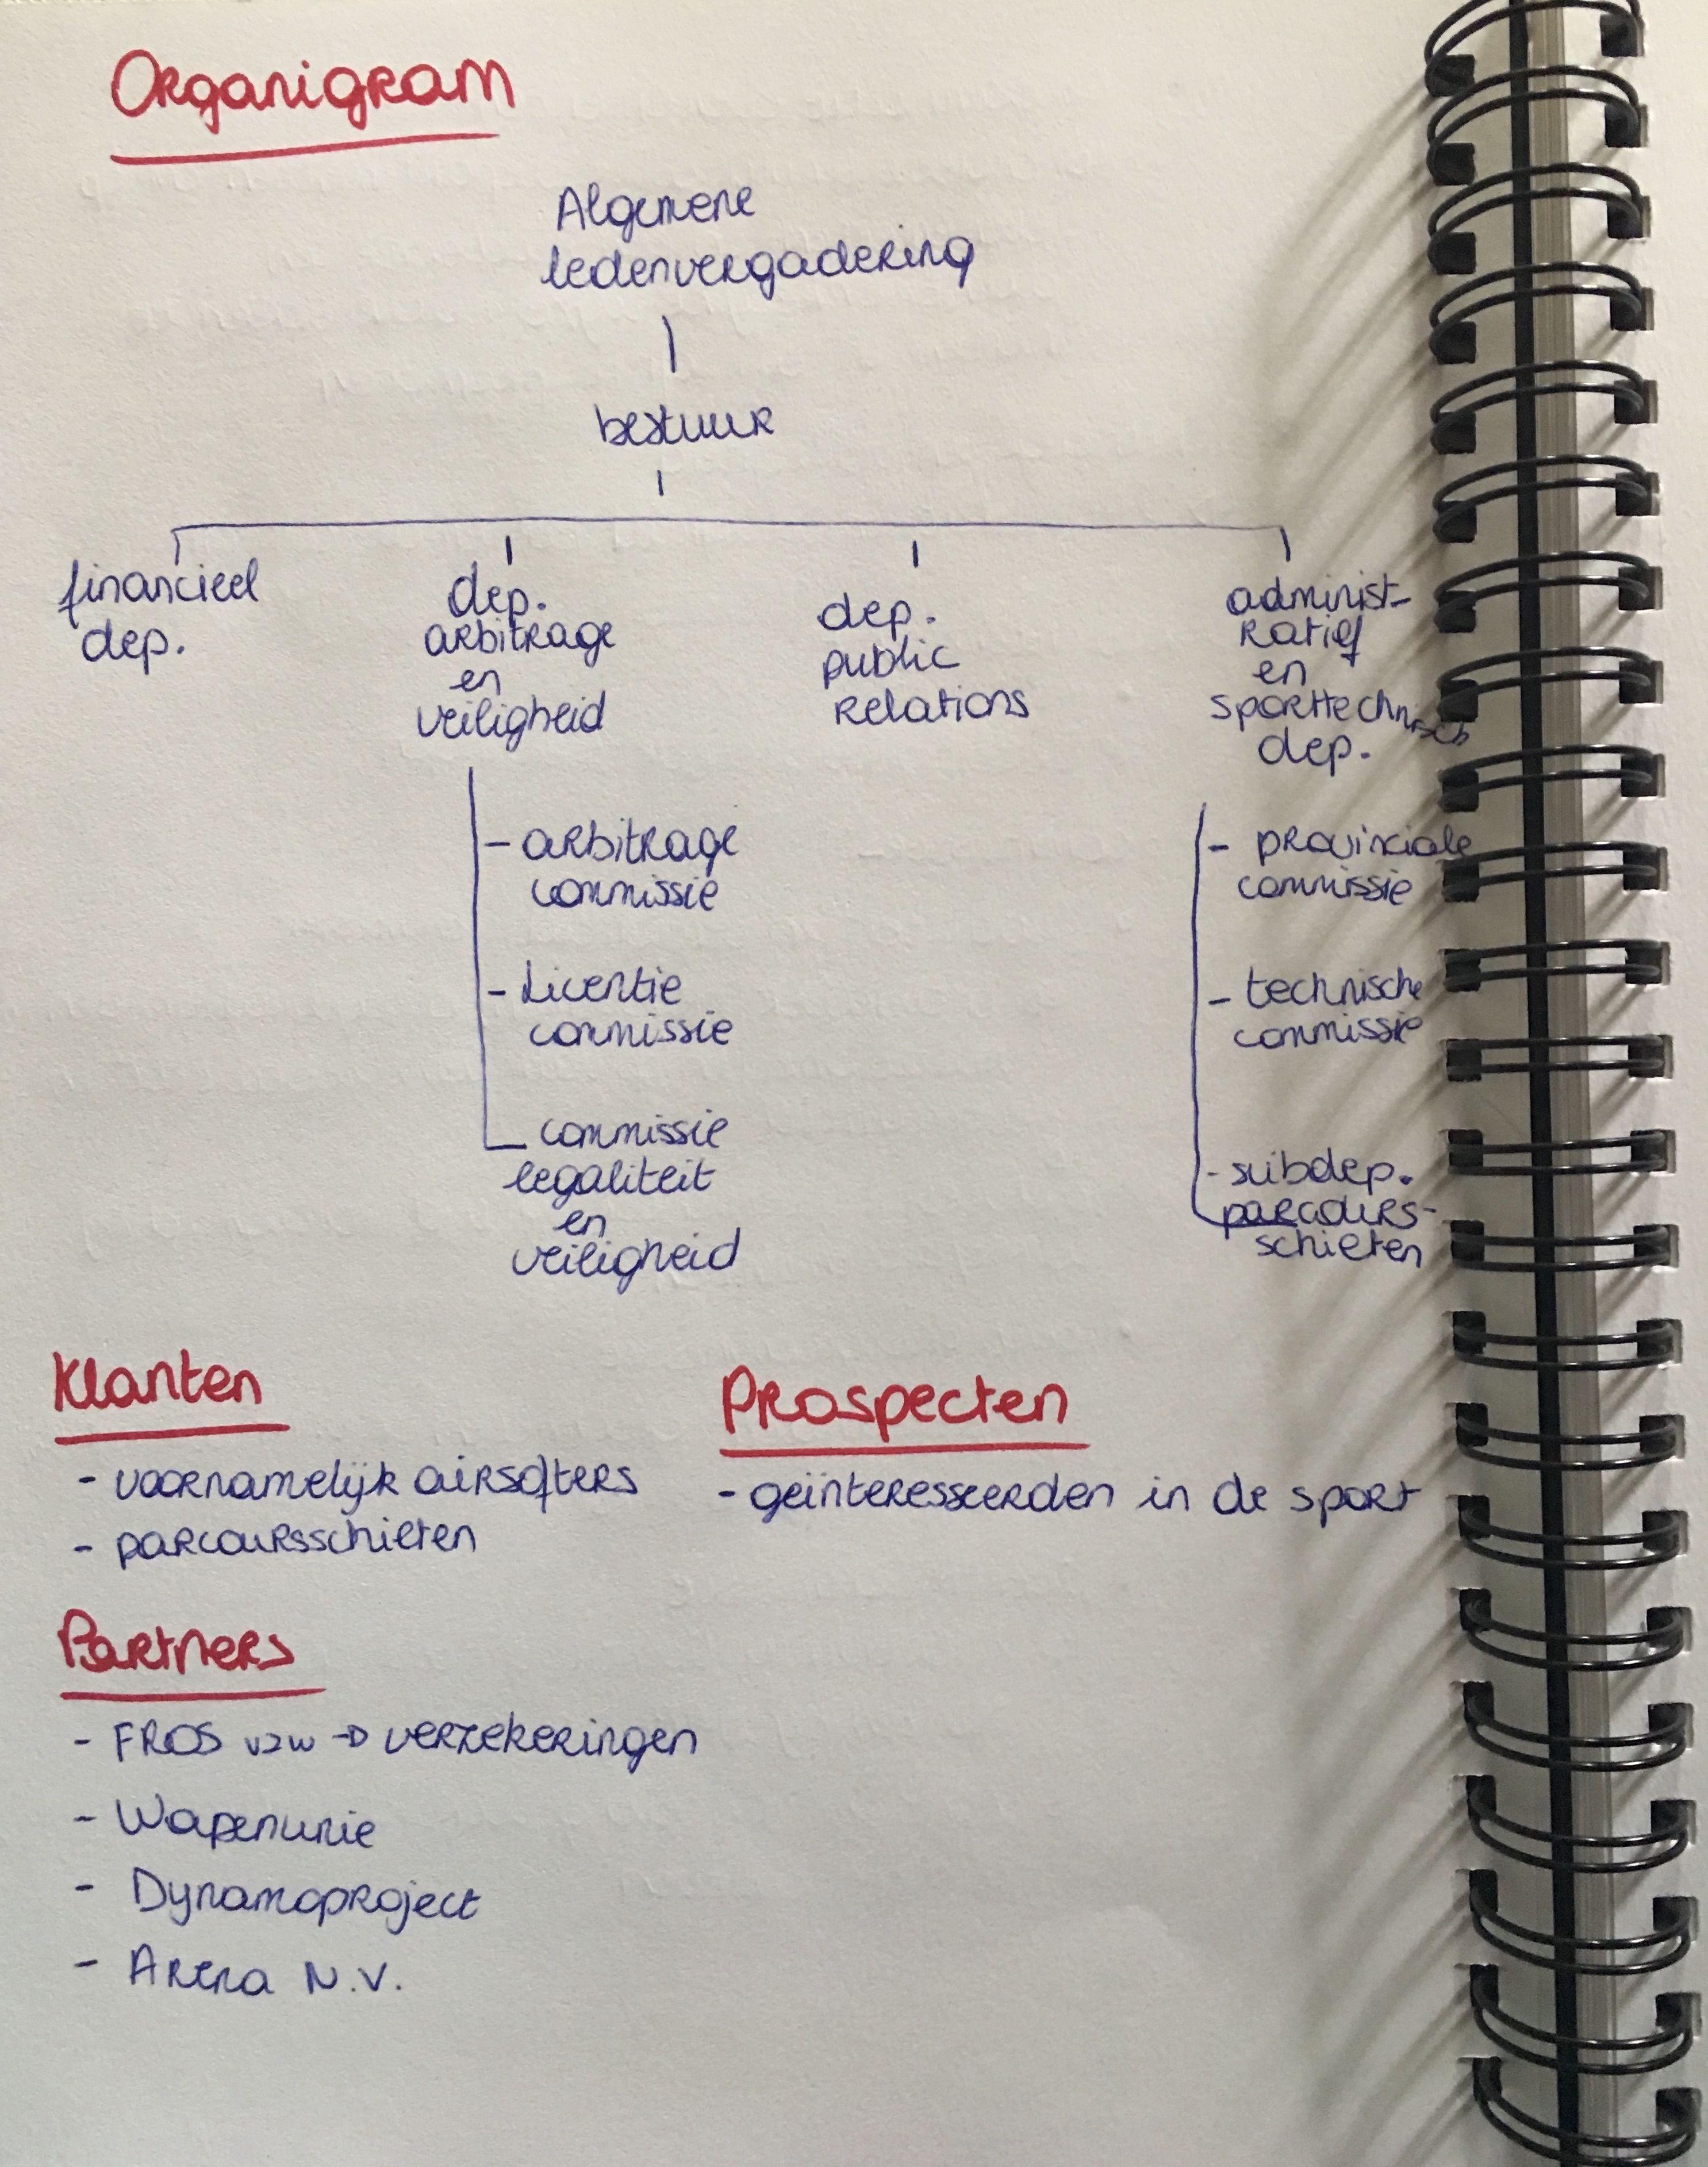 Onderzoek organisatie: organigram & imago